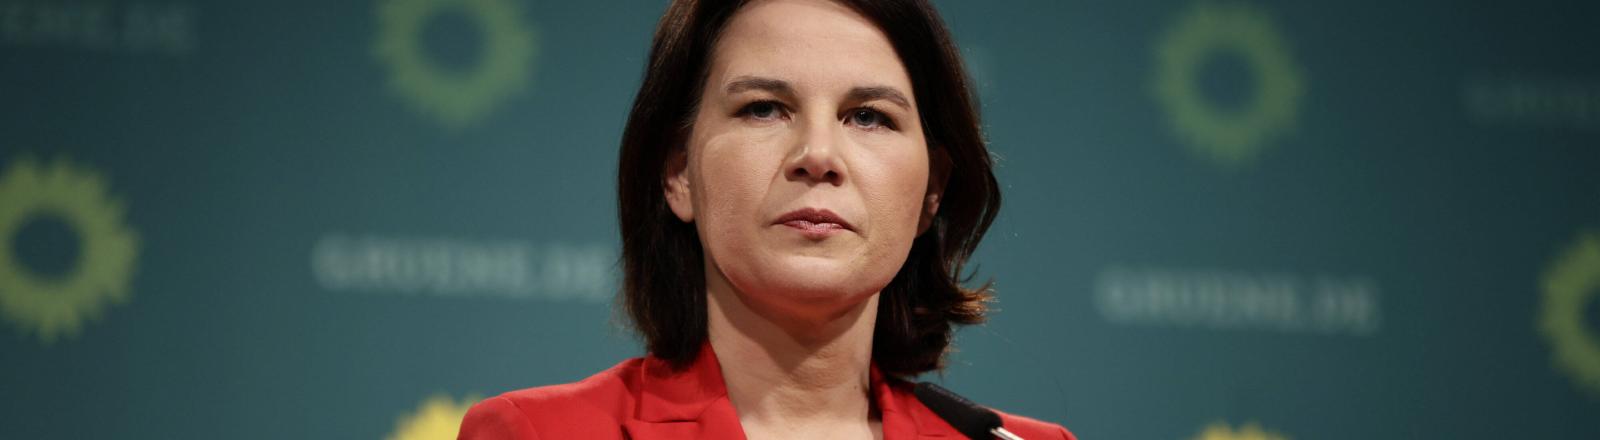 Annalena Baerbock auf einer Pressekonferenz der Grünen am 26.4.2021